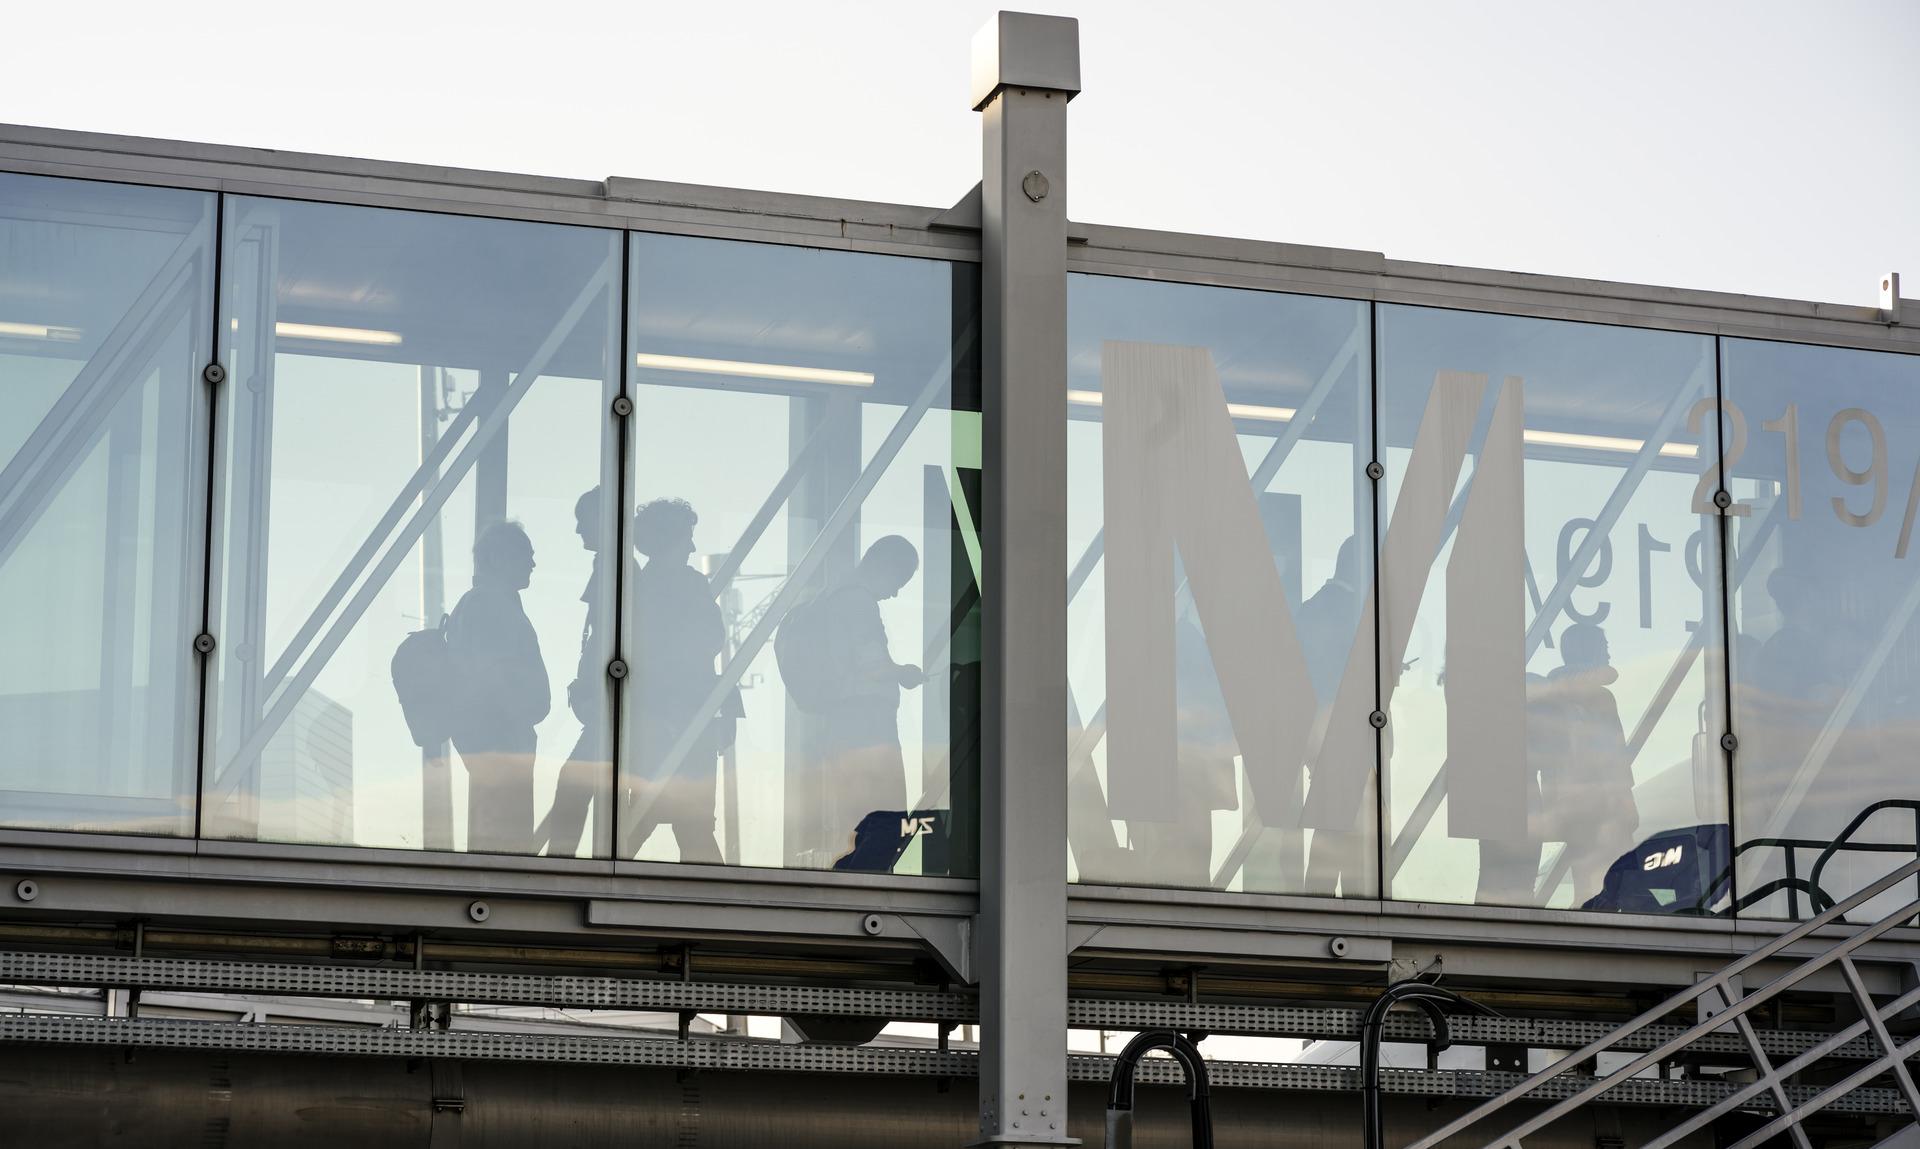 Mens travel managers i international undersøgelse sidste efterår generelt forudså deres køb af forretningsrejser ville stige op til ti procent i år, viser ny undersøgelse, at forventningen nu er faldet til op til fem procent. Pressearkivfoto fra lufthavnen i München.